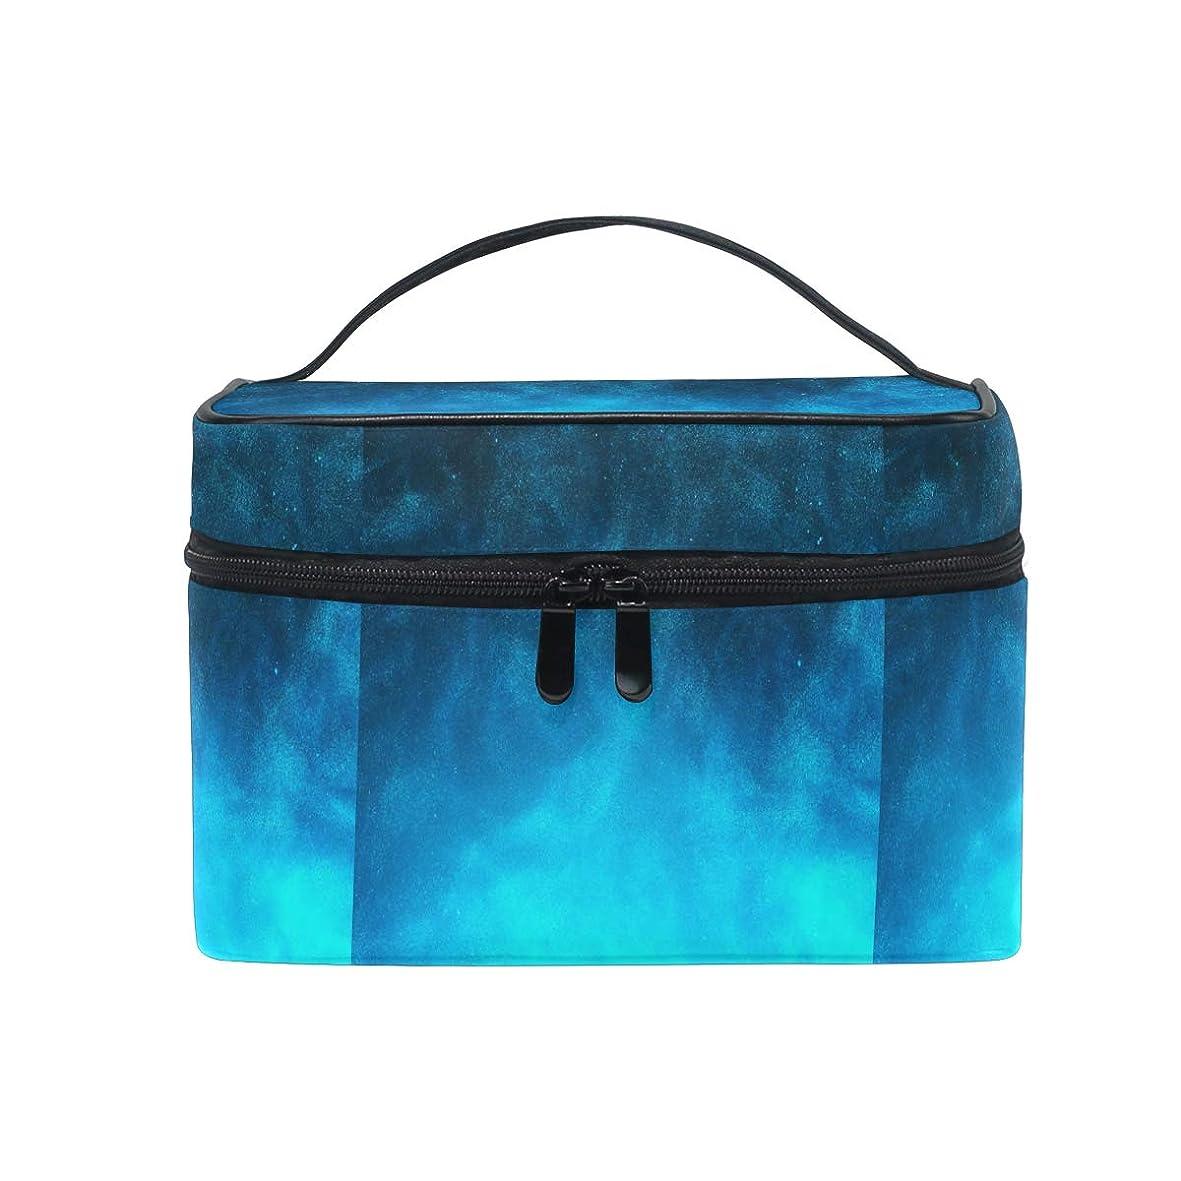 遊び場ずっとお誕生日青い星の宇宙銀河メイクバッグ 旅行 メイクボックス バッグ トイレタリー トレイン ケース レディース 美容 化粧ポーチ ポーチ